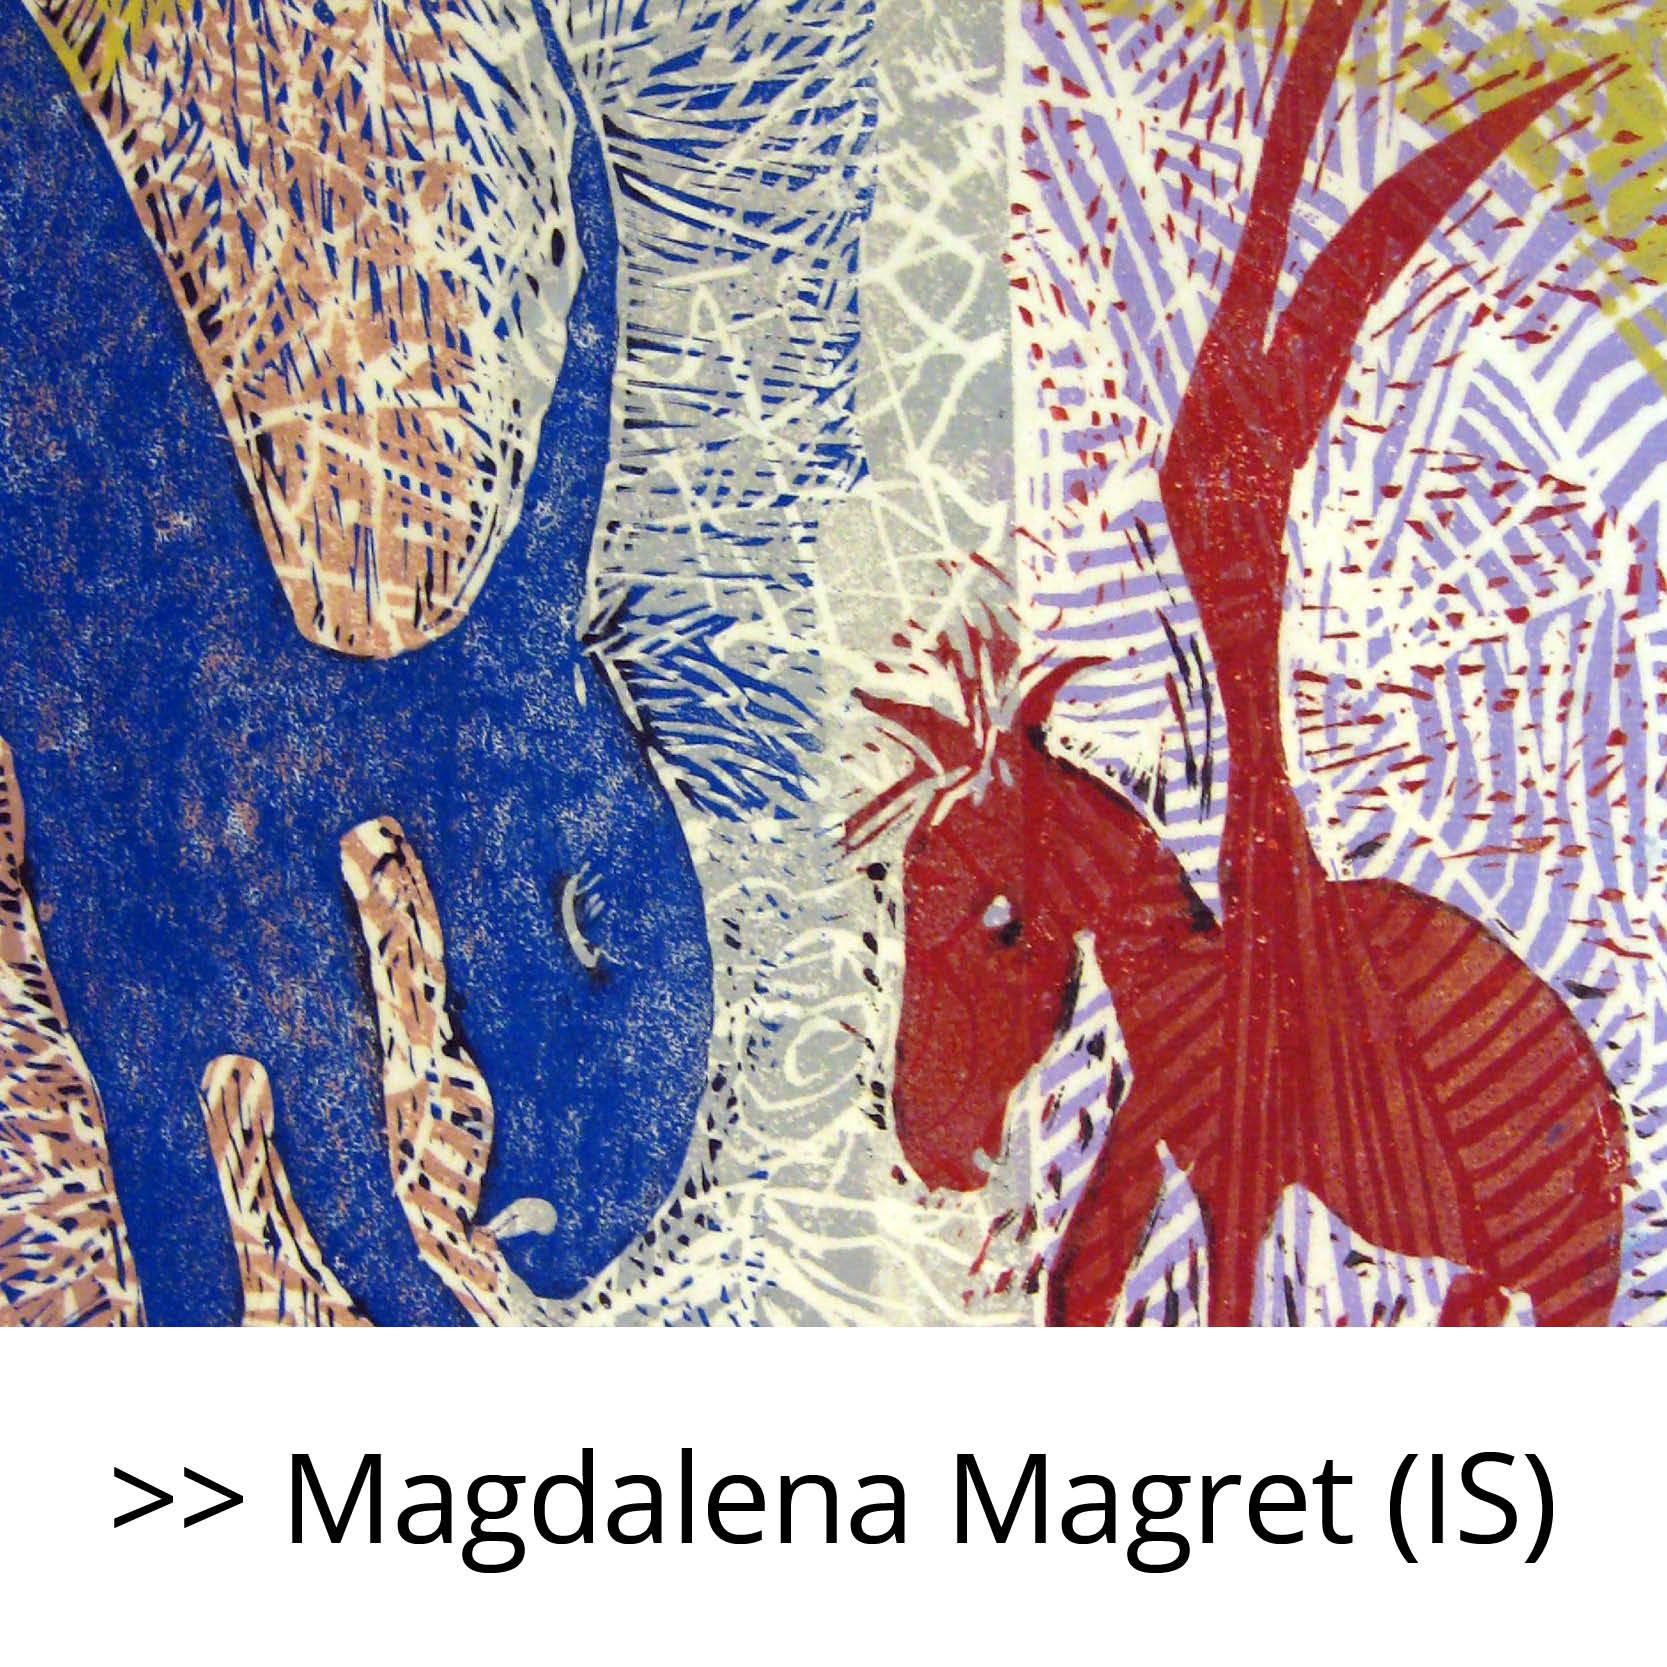 Magdalena_Magret_(IS)